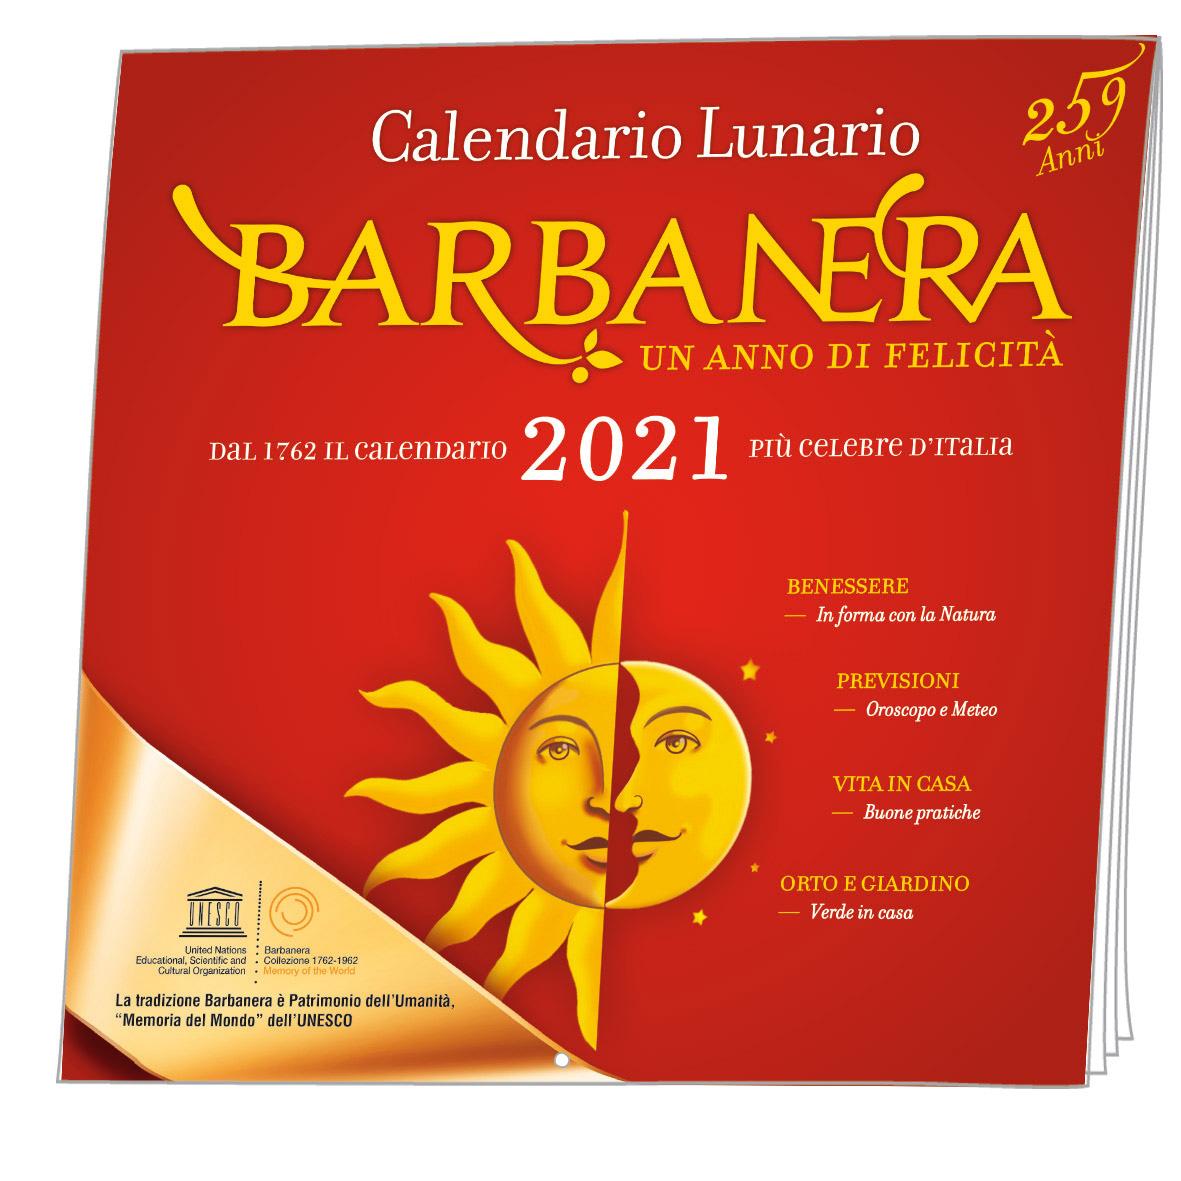 Barbanera   Calendario Lunario 2021   Il Barbagianni Editore